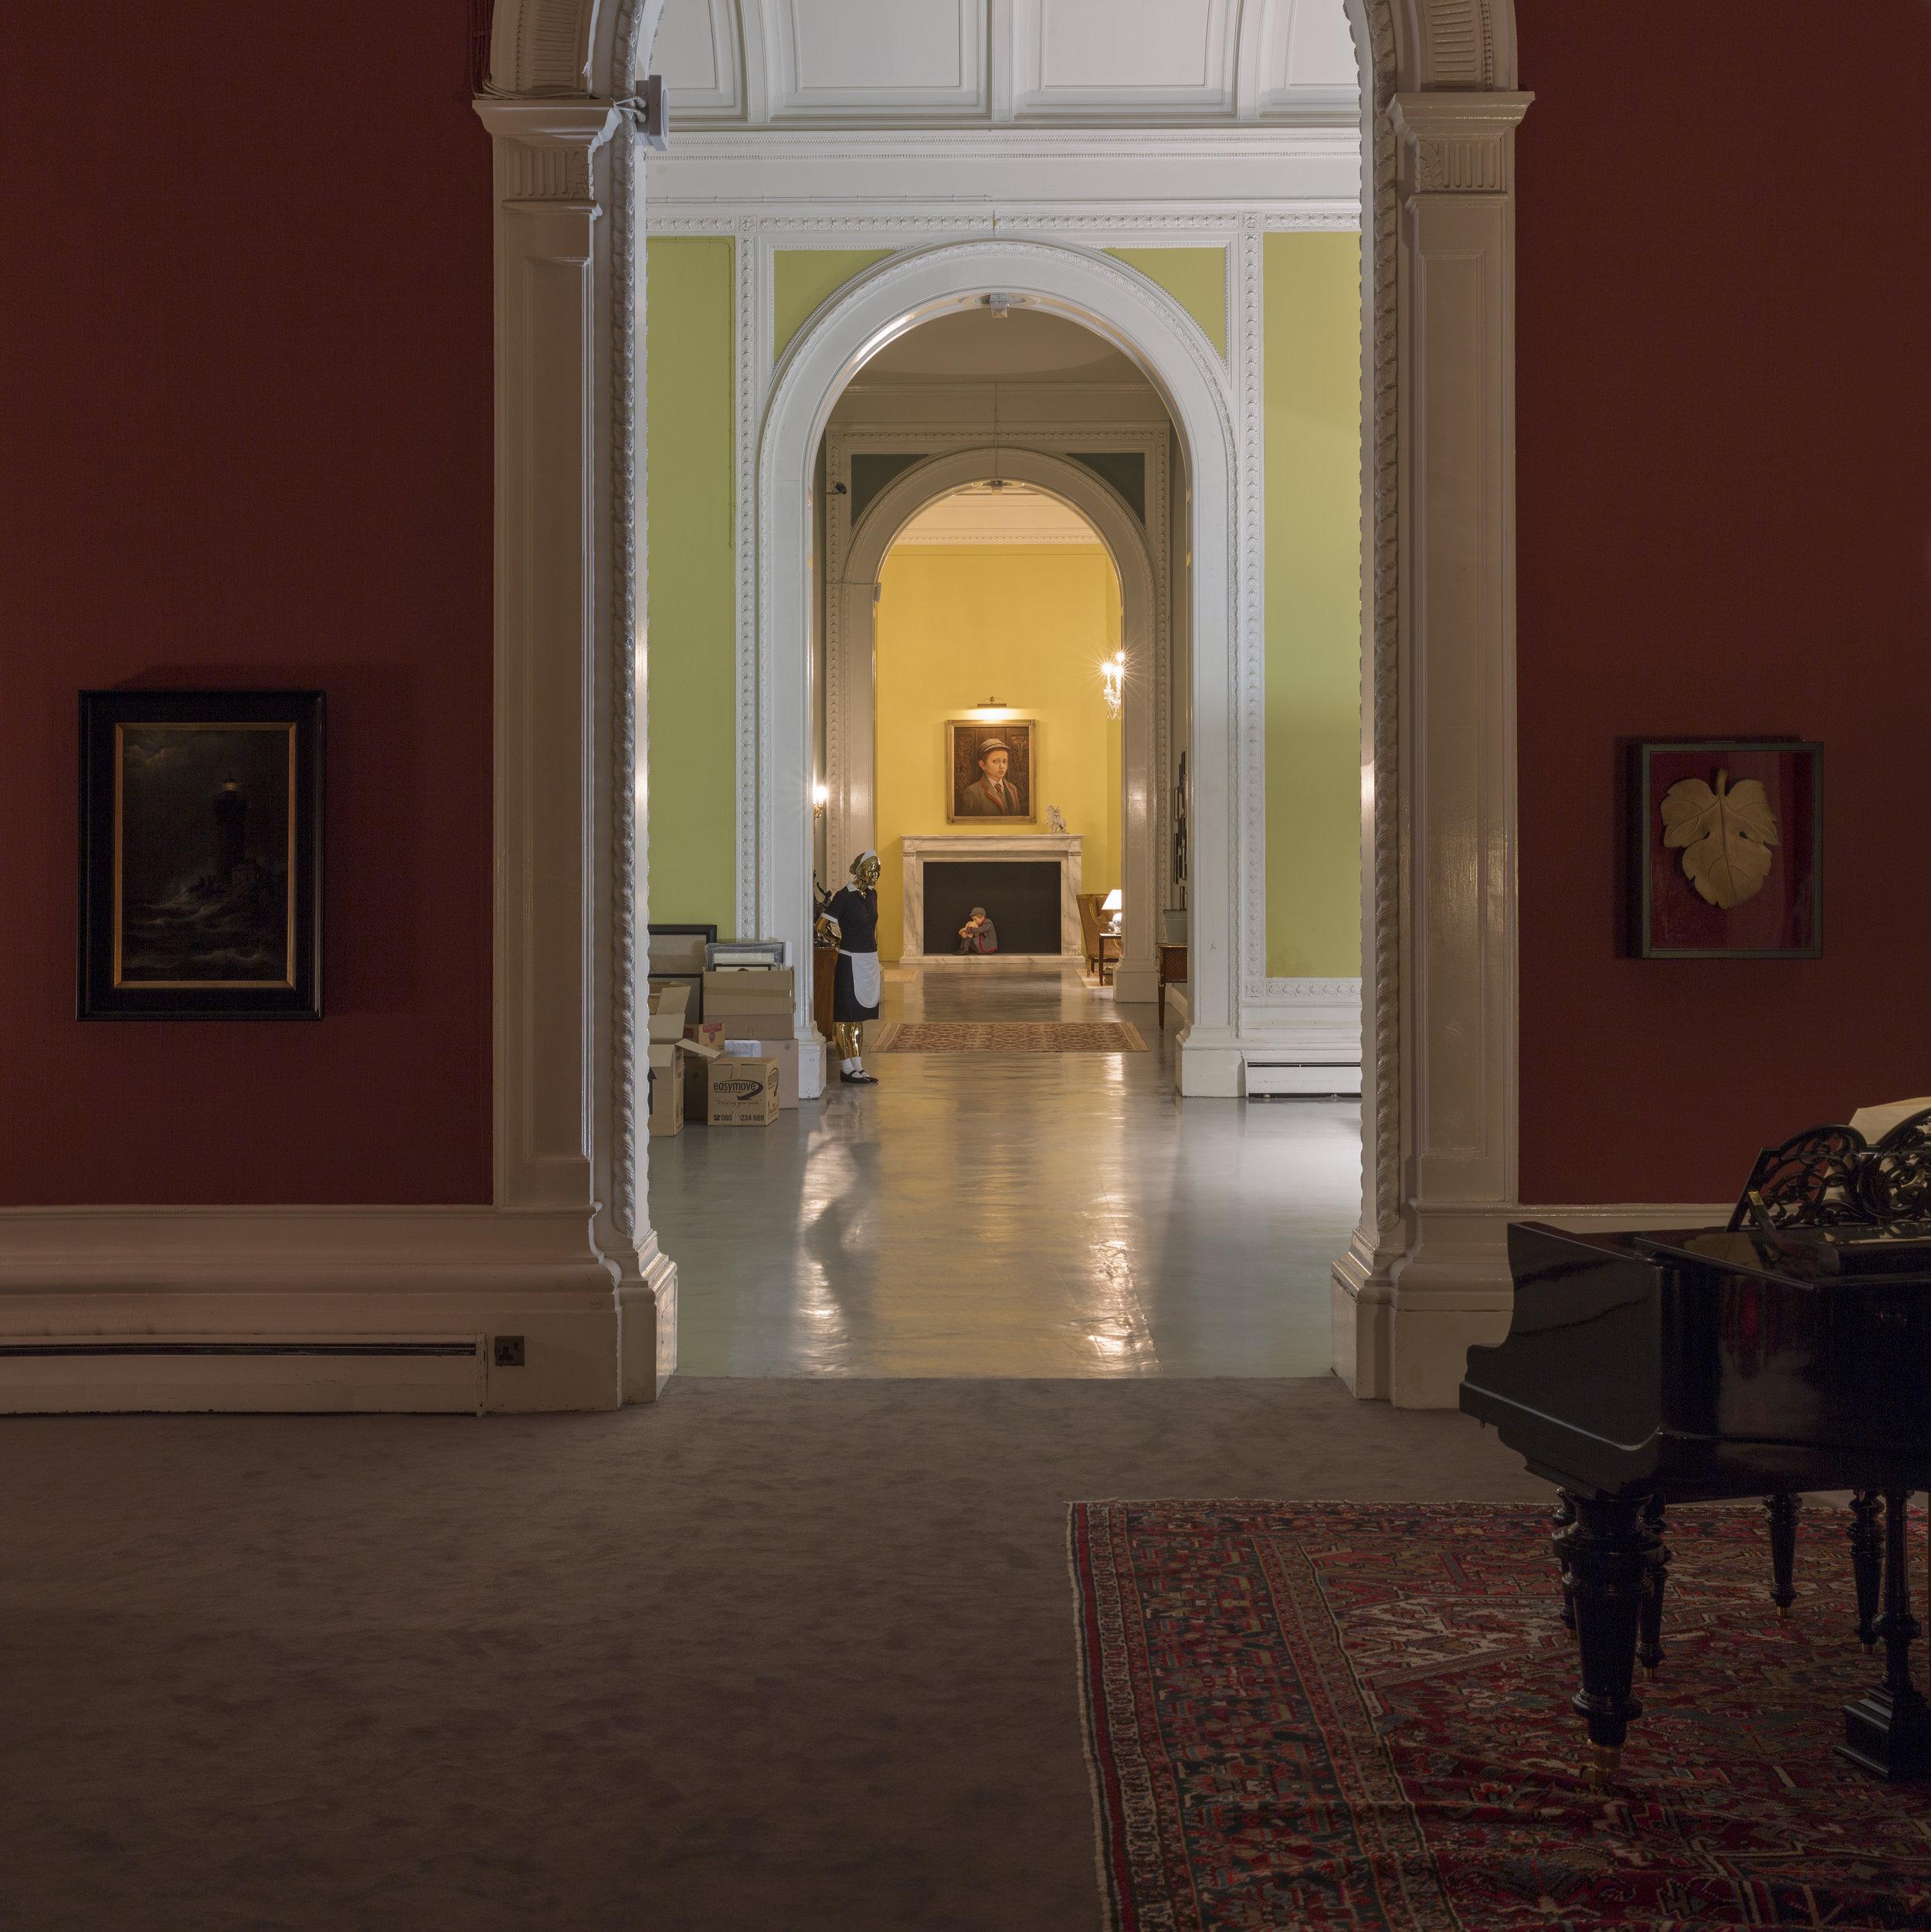 Frå Tomorrow av Elmgreen & Dragset. Foto: Anders Sune Berg / Victoria and Albert Museum, London.